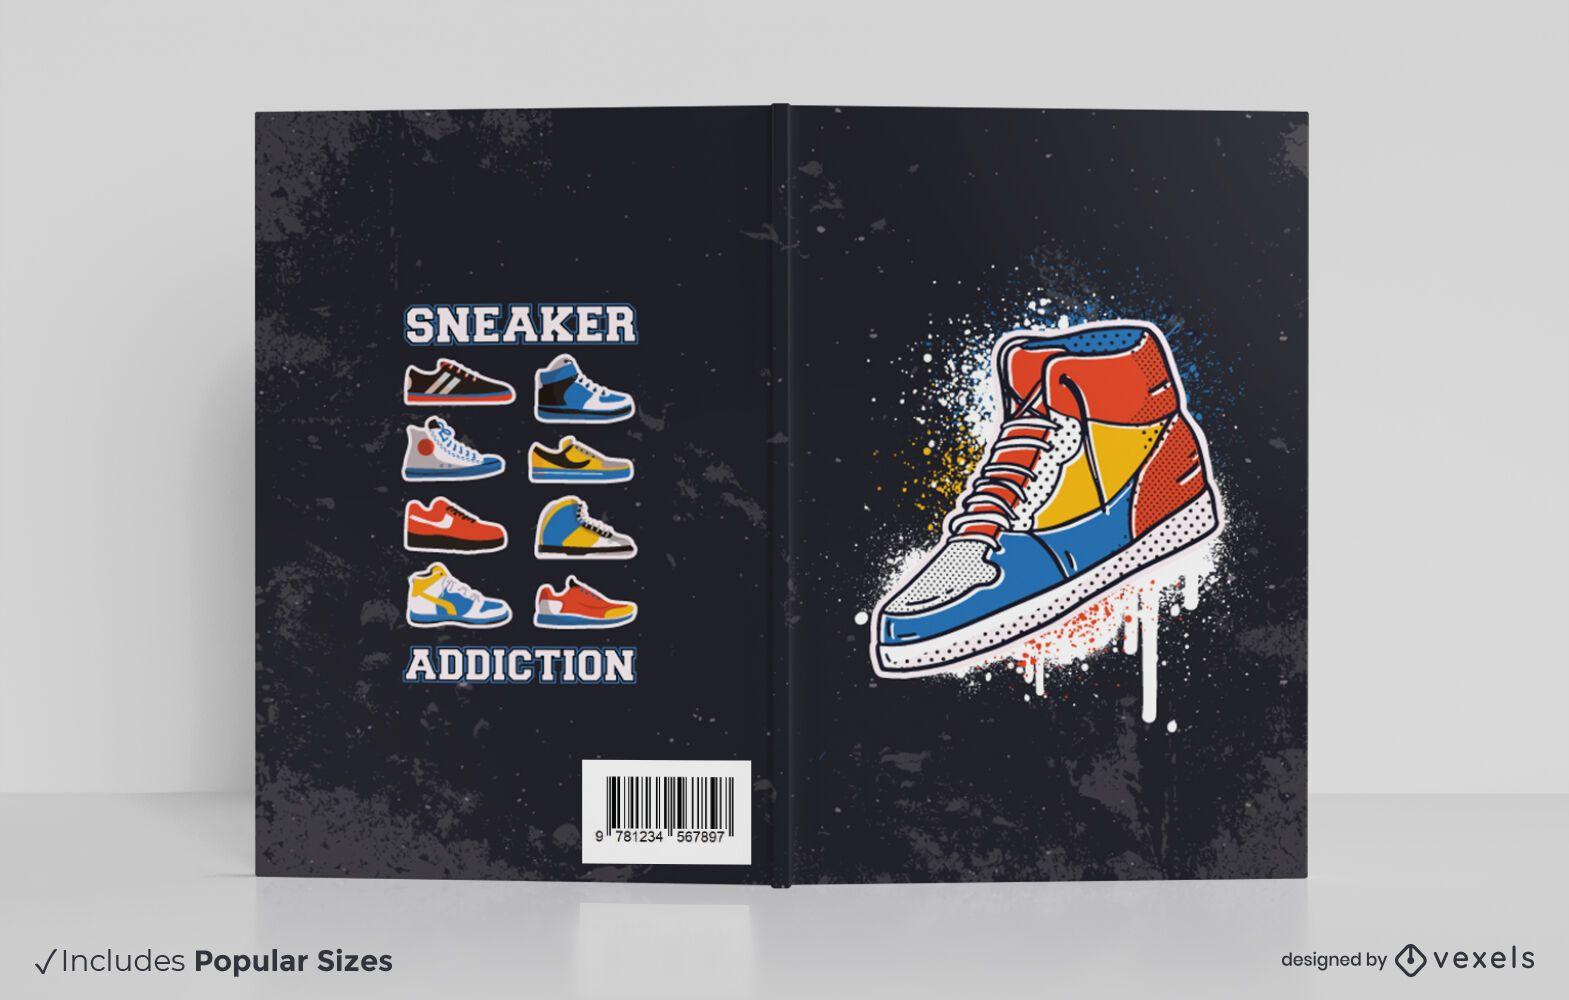 Sneaker addiction book cover design